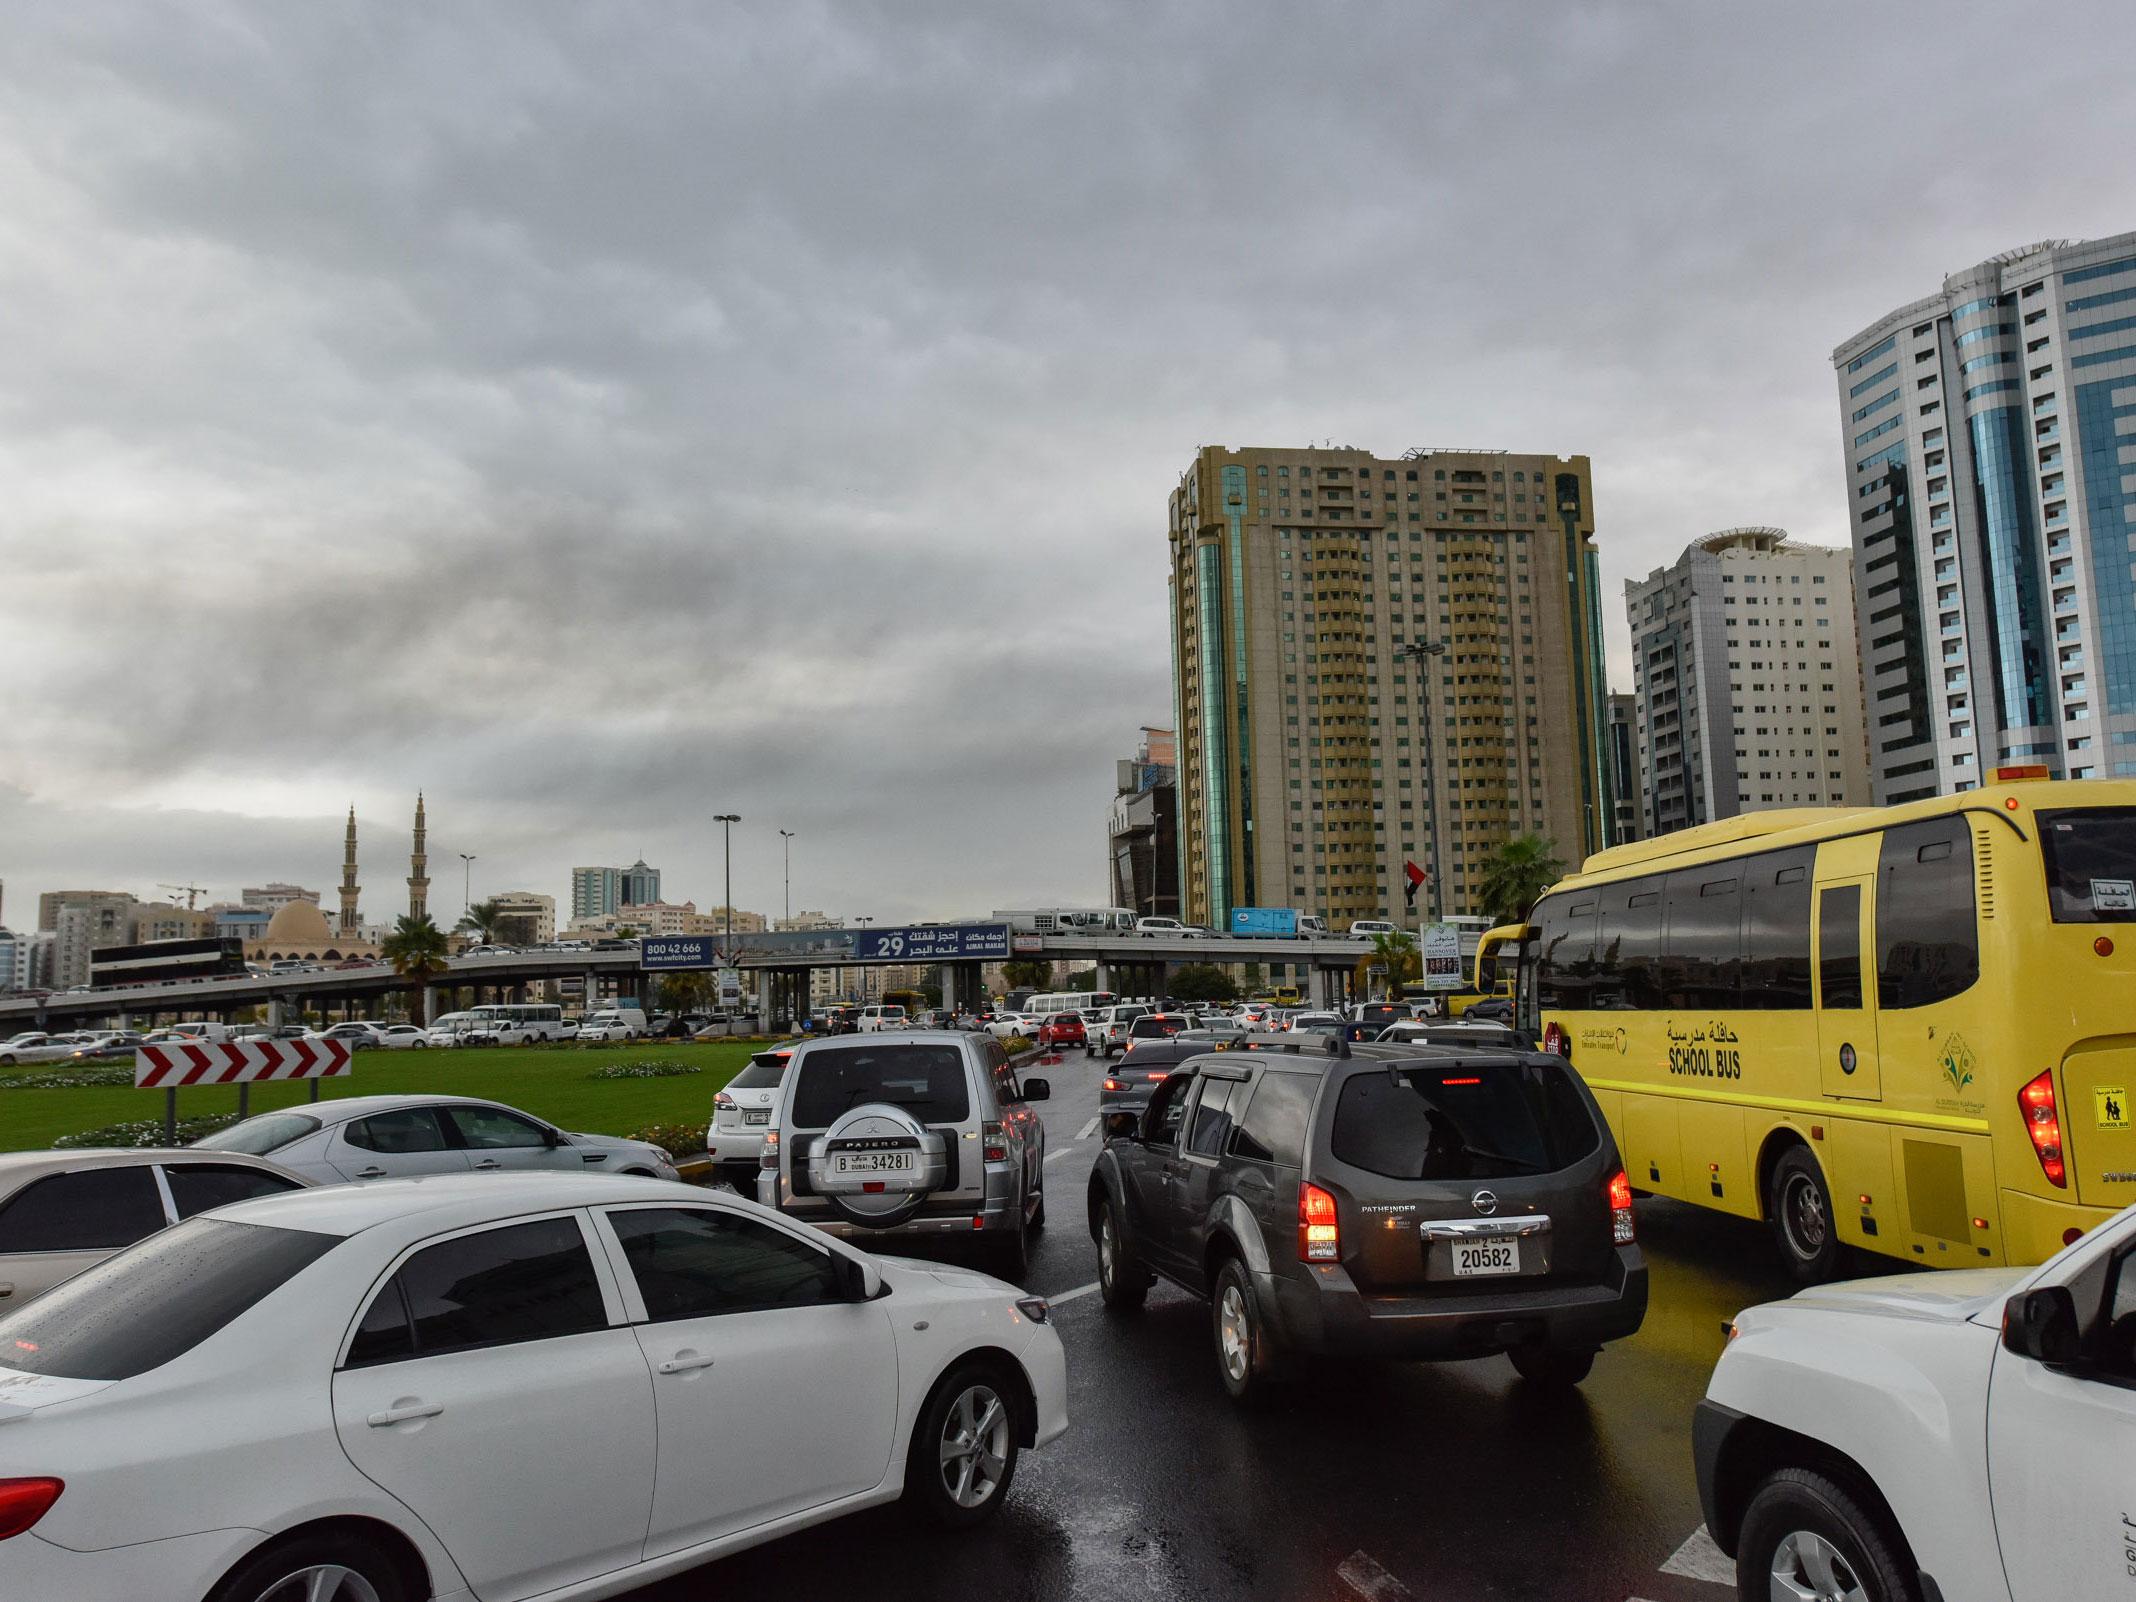 rain causes havoc on uae roads, traffic accidents